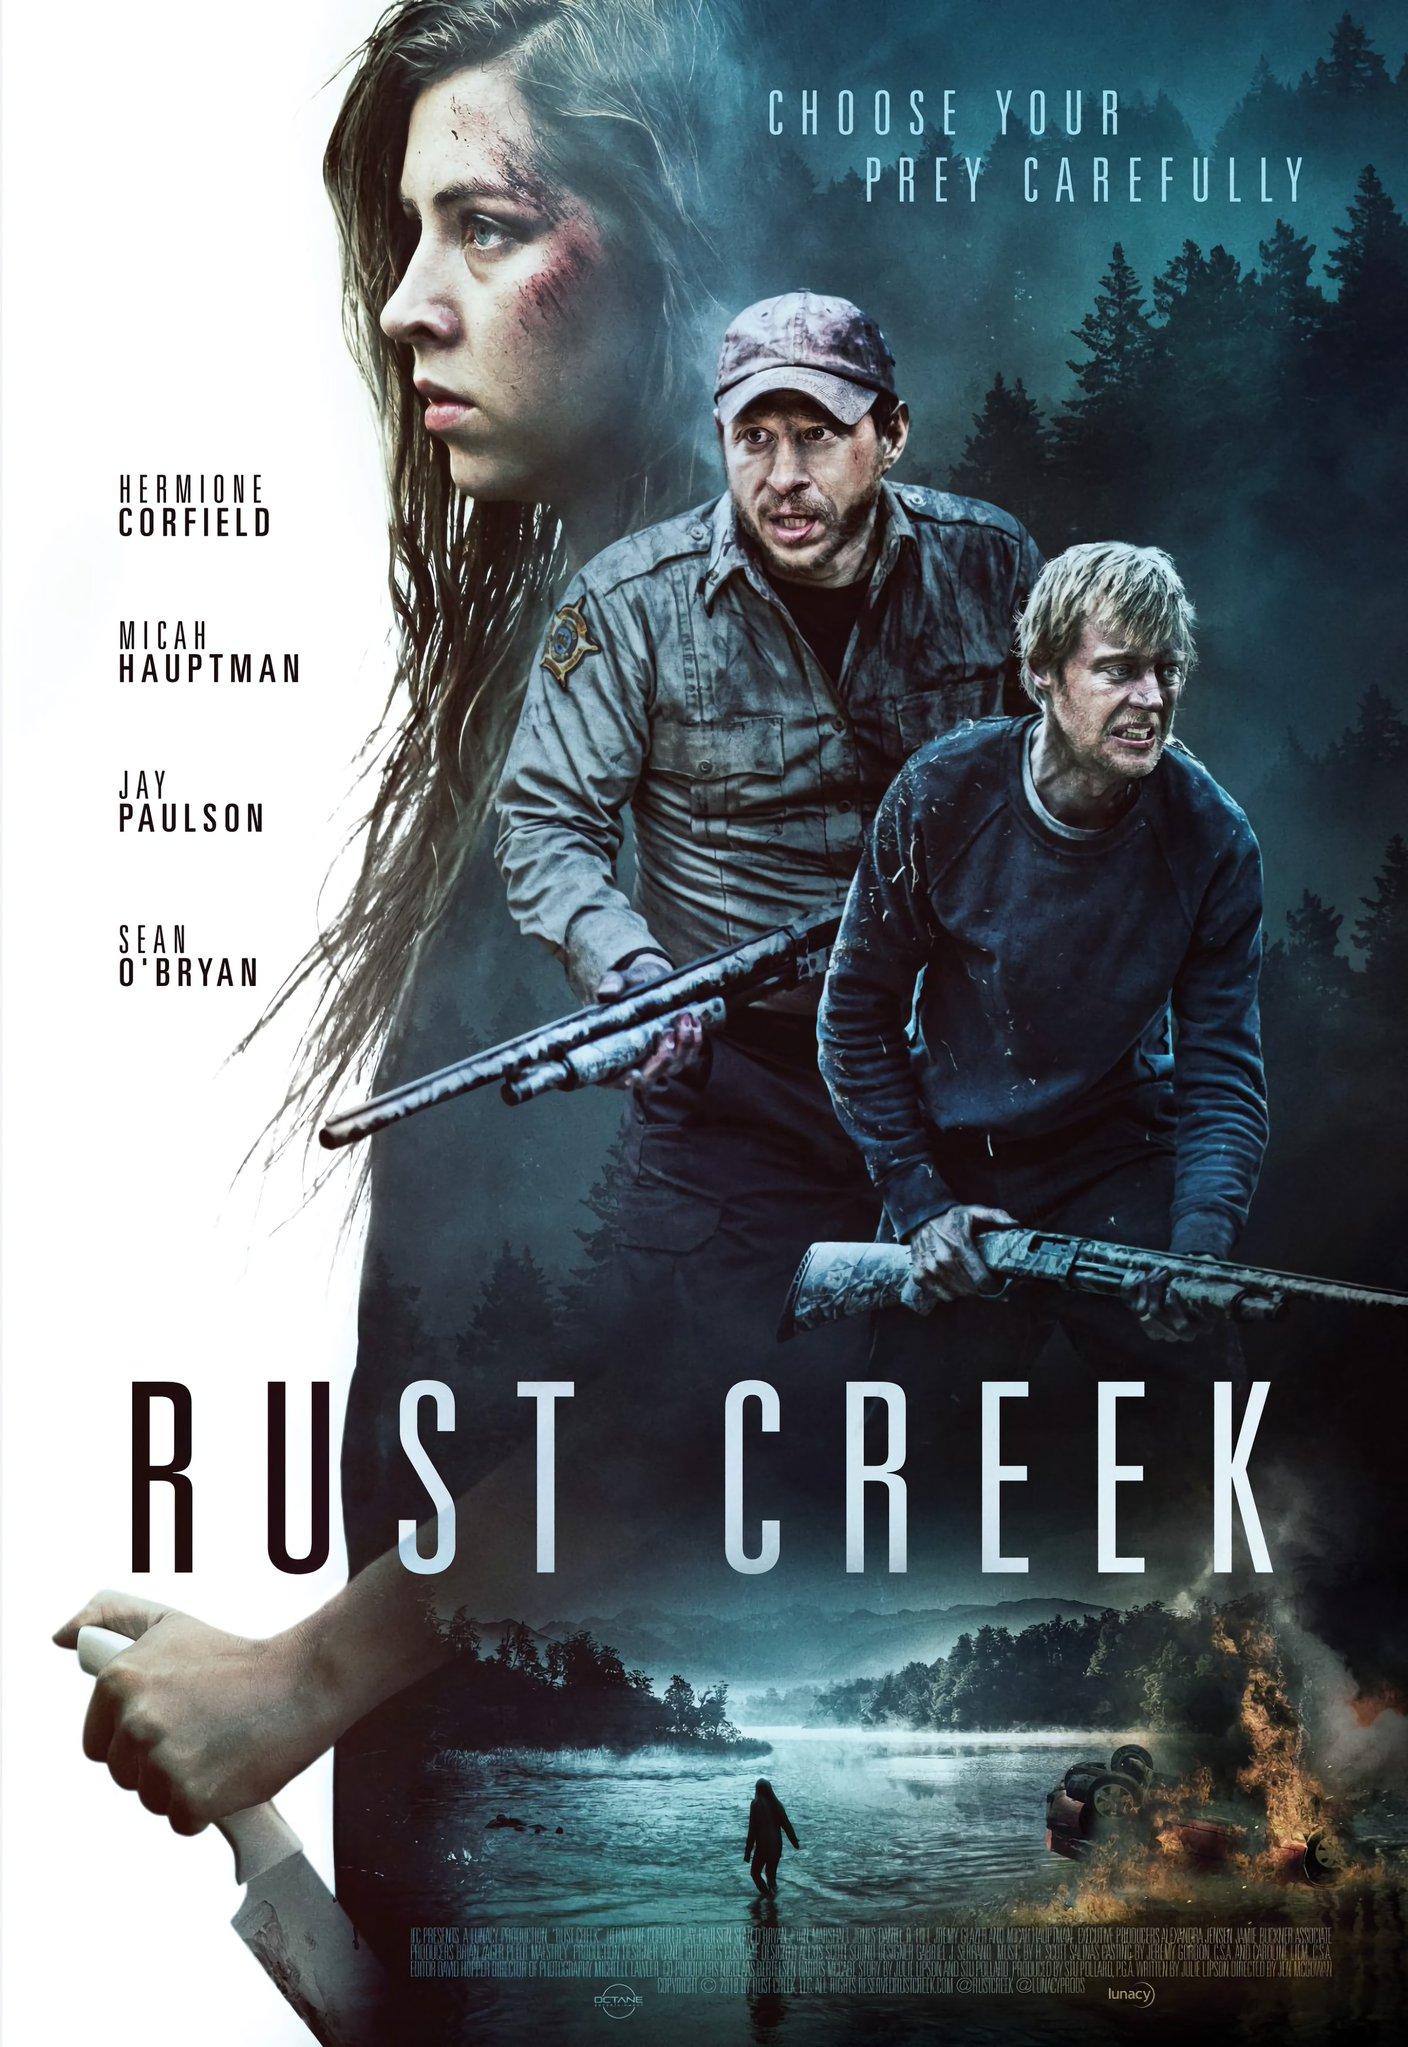 Trailer] Jen McGowan's Survival Horror Film 'Rust Creek